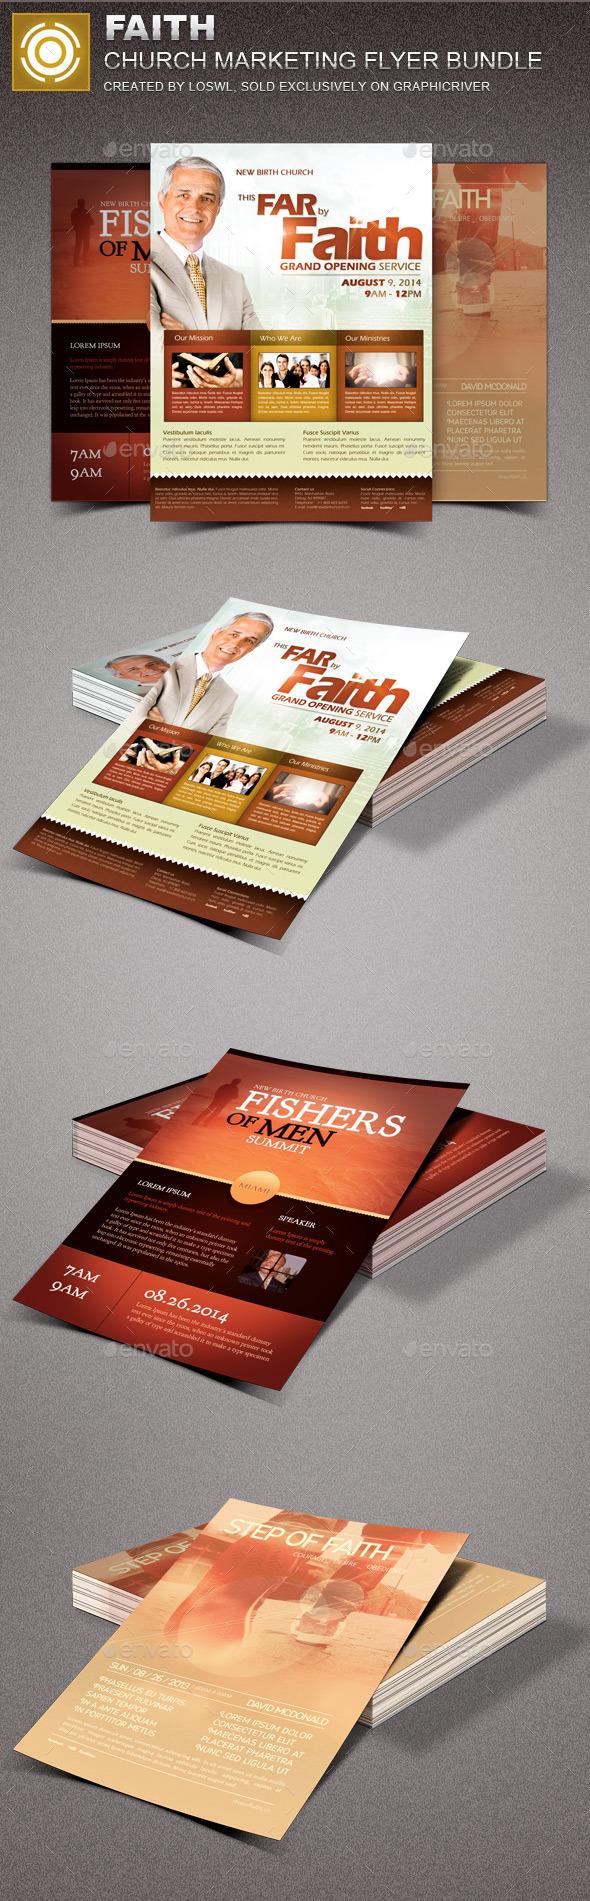 Faith Church Marketing Flyer Bundle  - Church Flyers